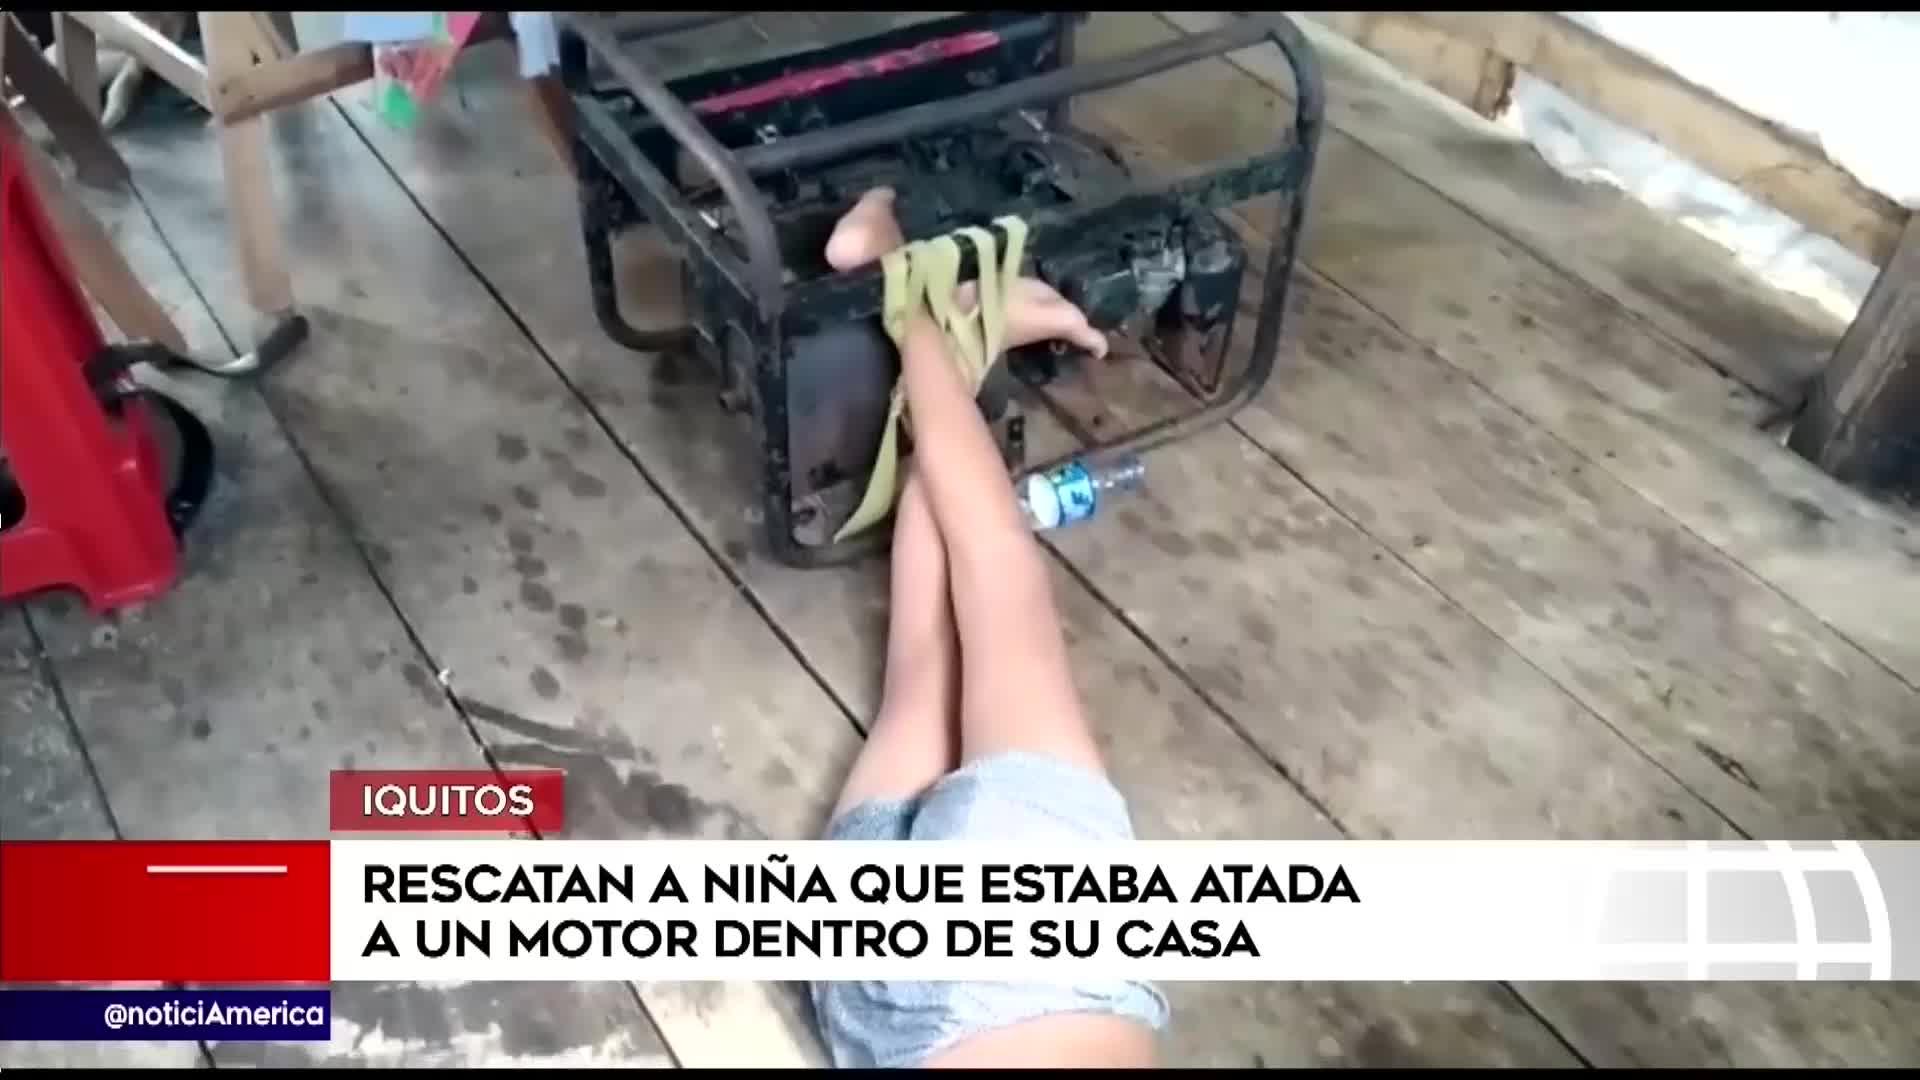 Policía rescata a menor de 11 años que vivía atada a un motor en su casa